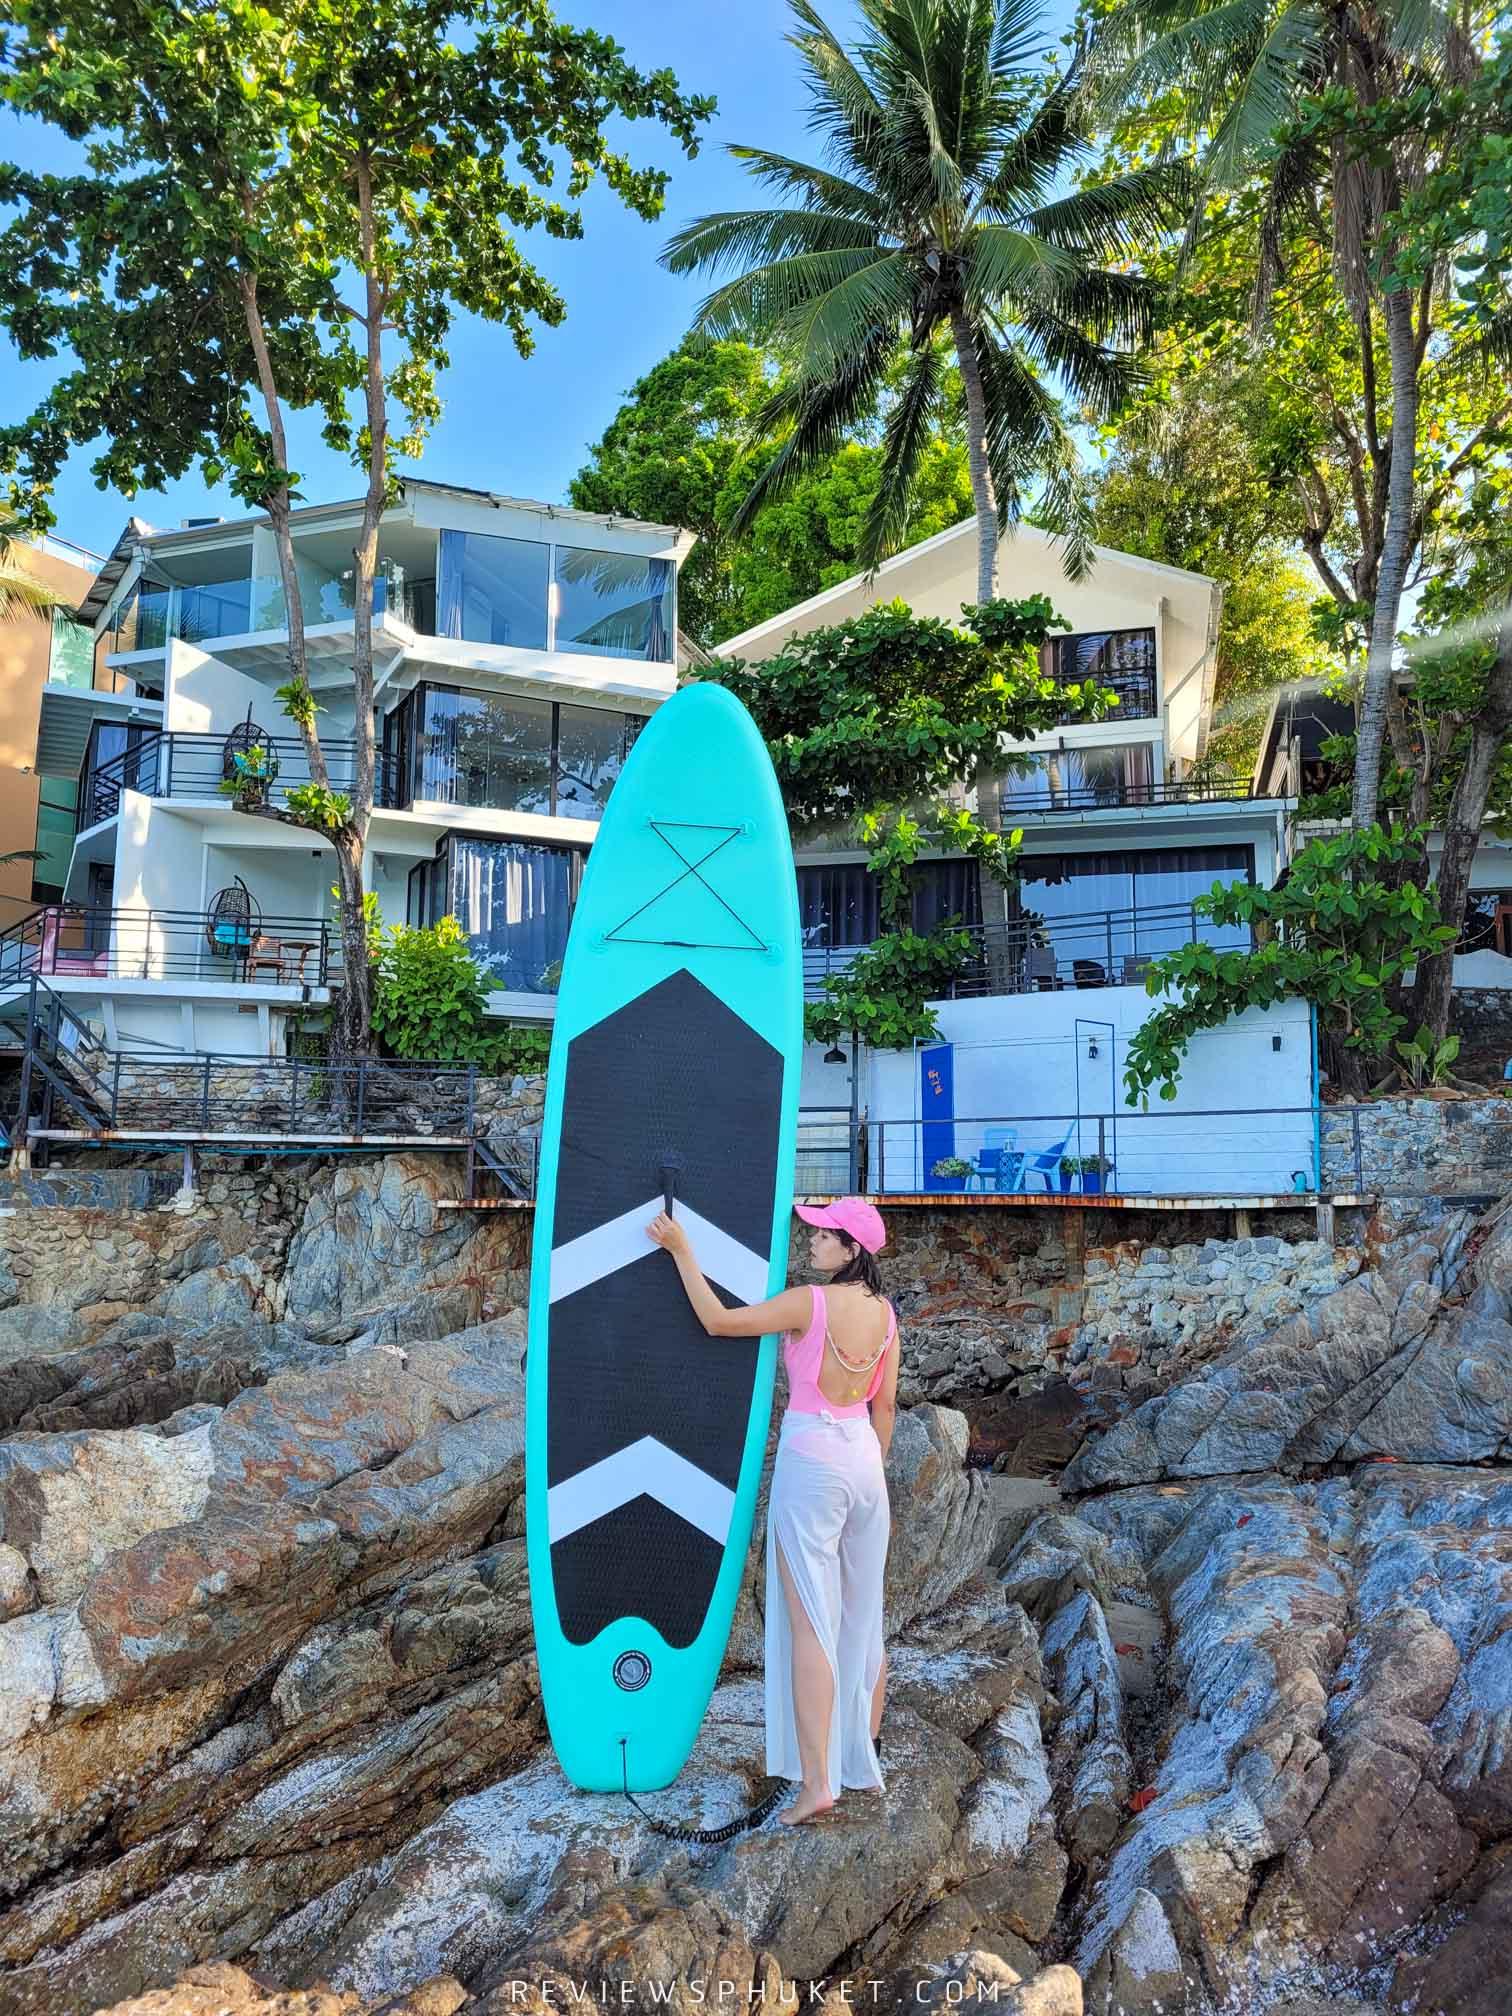 กิจกรรมมากมาย ที่-Patong-Sunset-Villa-มีกิจกรรมให้เล่นและเพลิดเพลินมากมายตั้งแต่-Surf-ไปจนถึงกิจกรรมอื่นๆ patongsunset,villa,ที่พักภูเก็ต